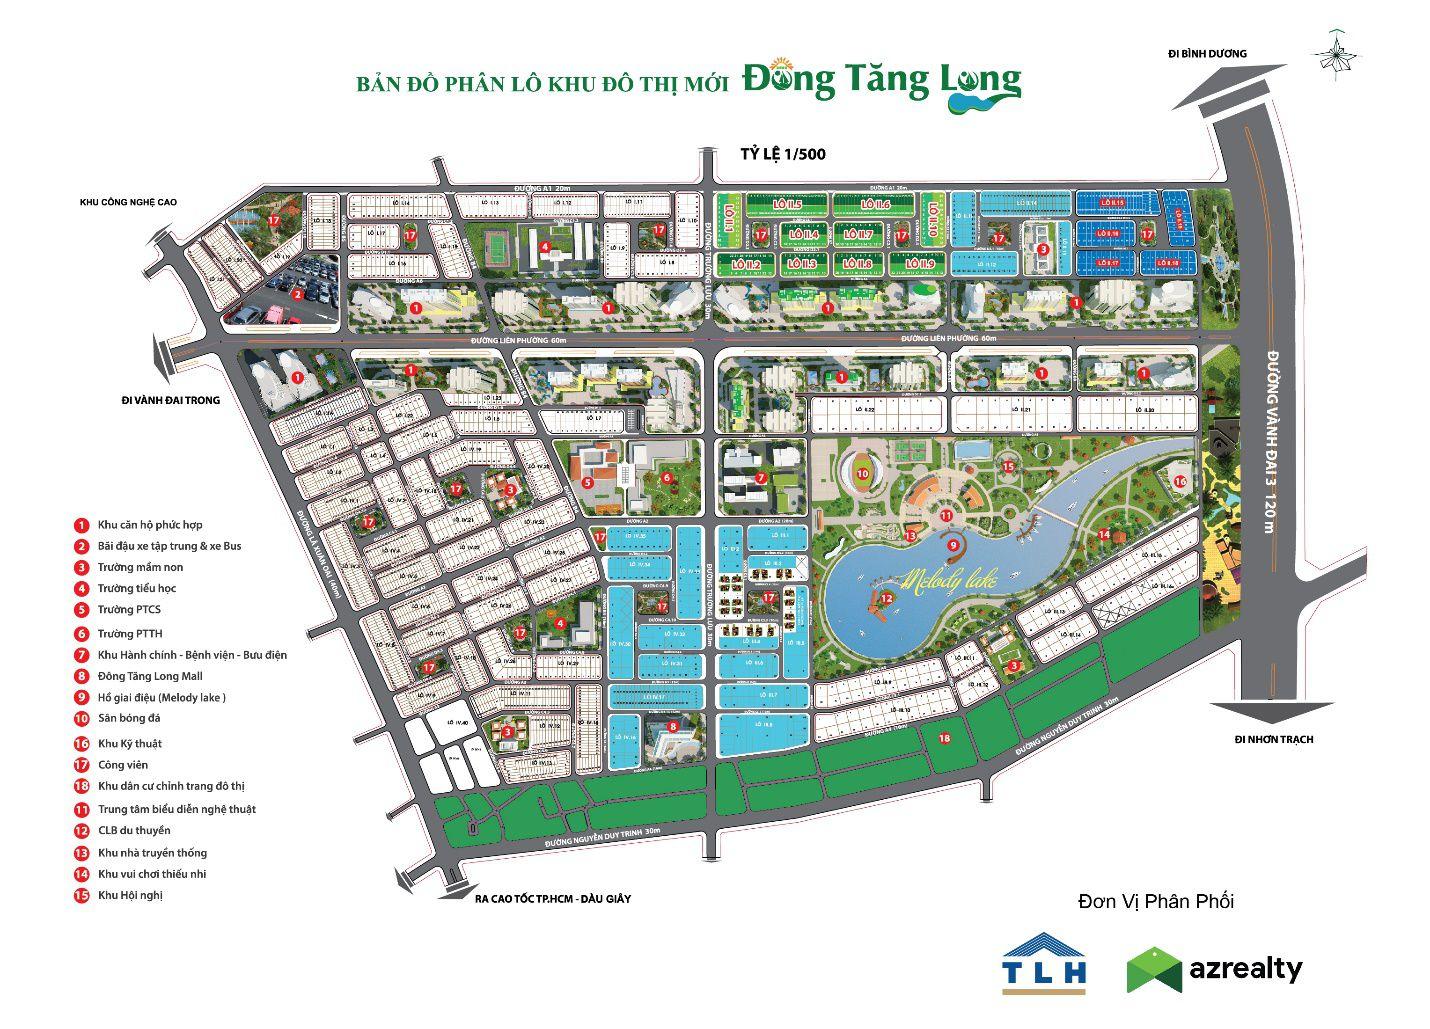 Tổng thể biệt thự nhà phố Đông Tăng Long An Lộc